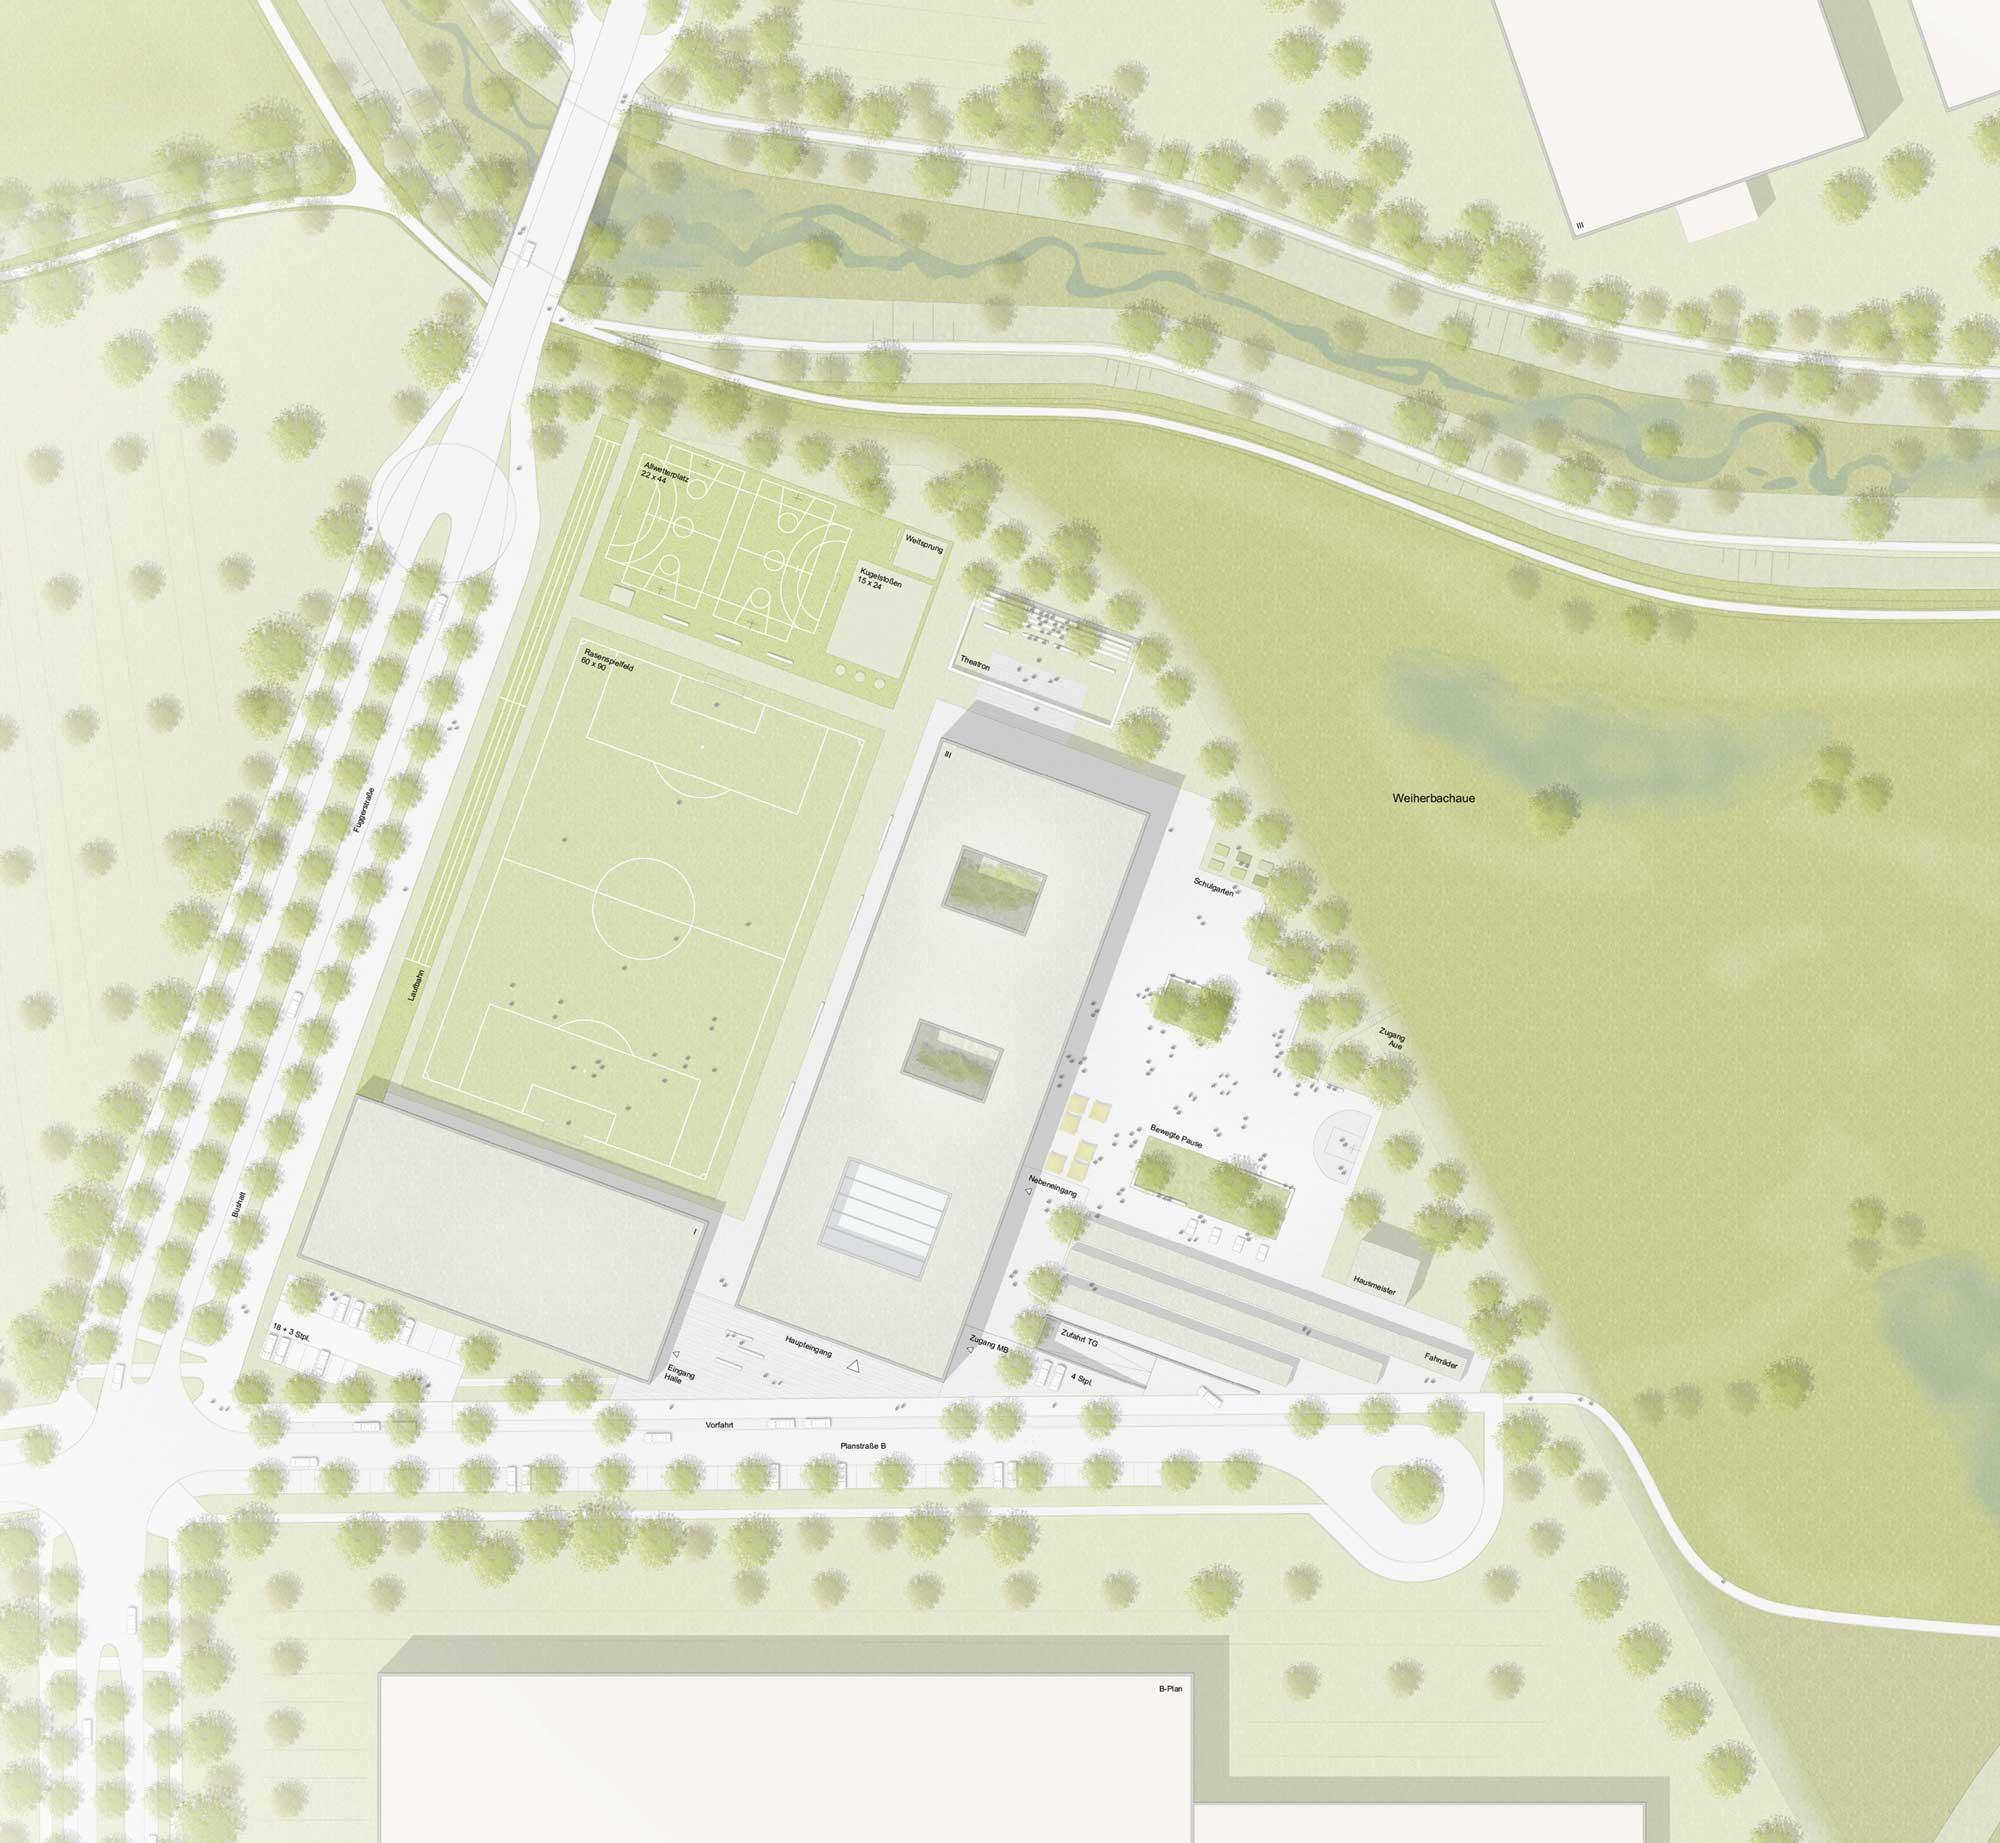 Wettbewerb Landschaftsarchitektur Realschule Landshut - Lageplan